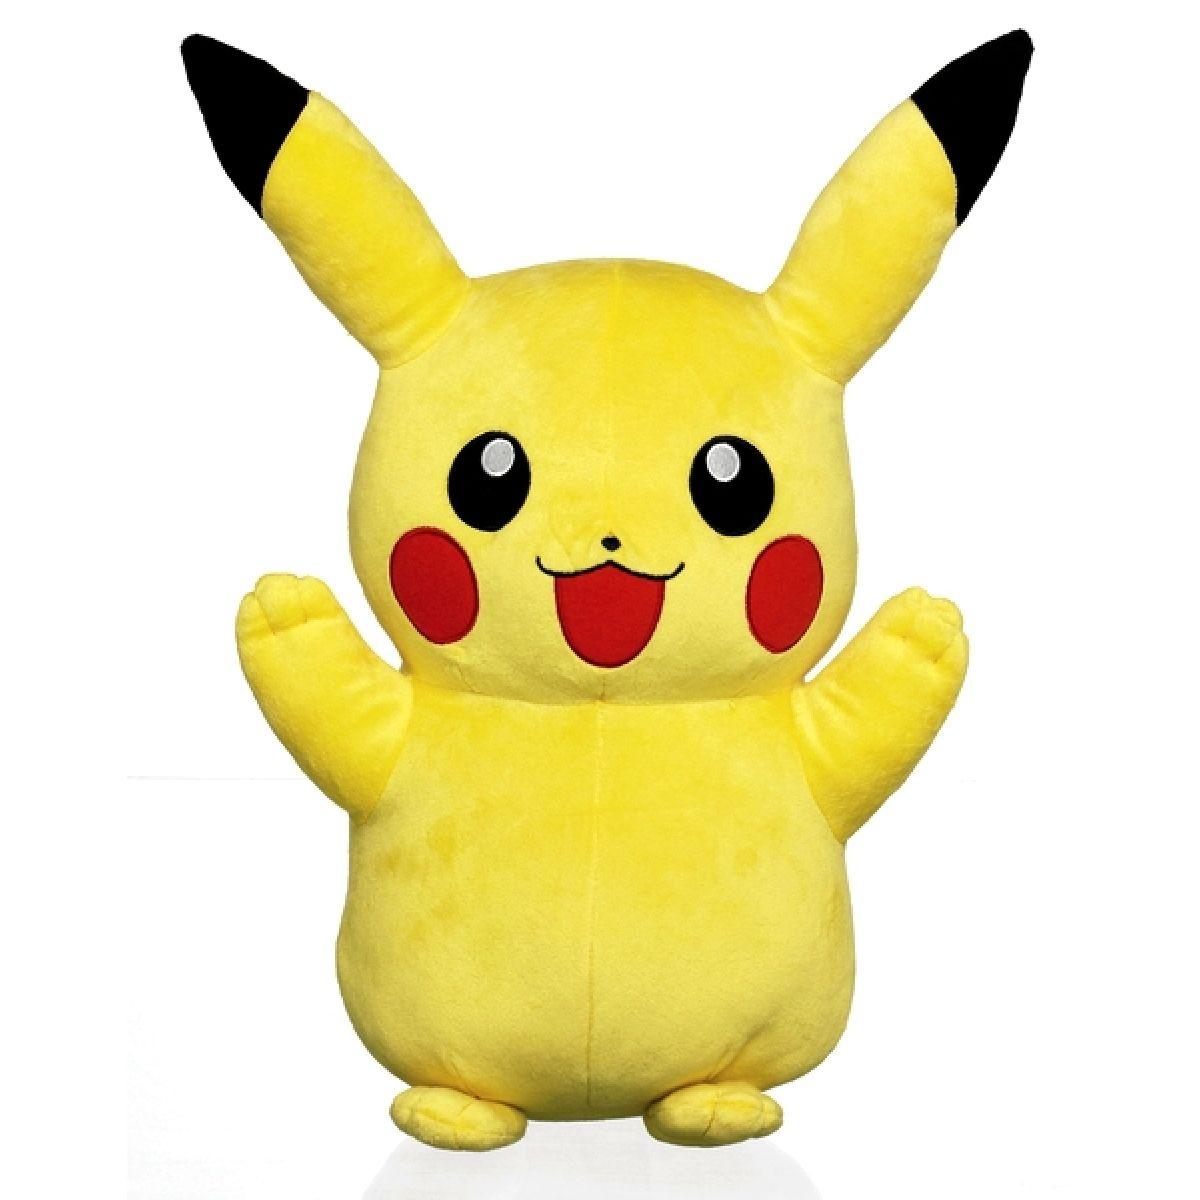 Pokémon Plyšová postavička velká 50cm - Pikachu